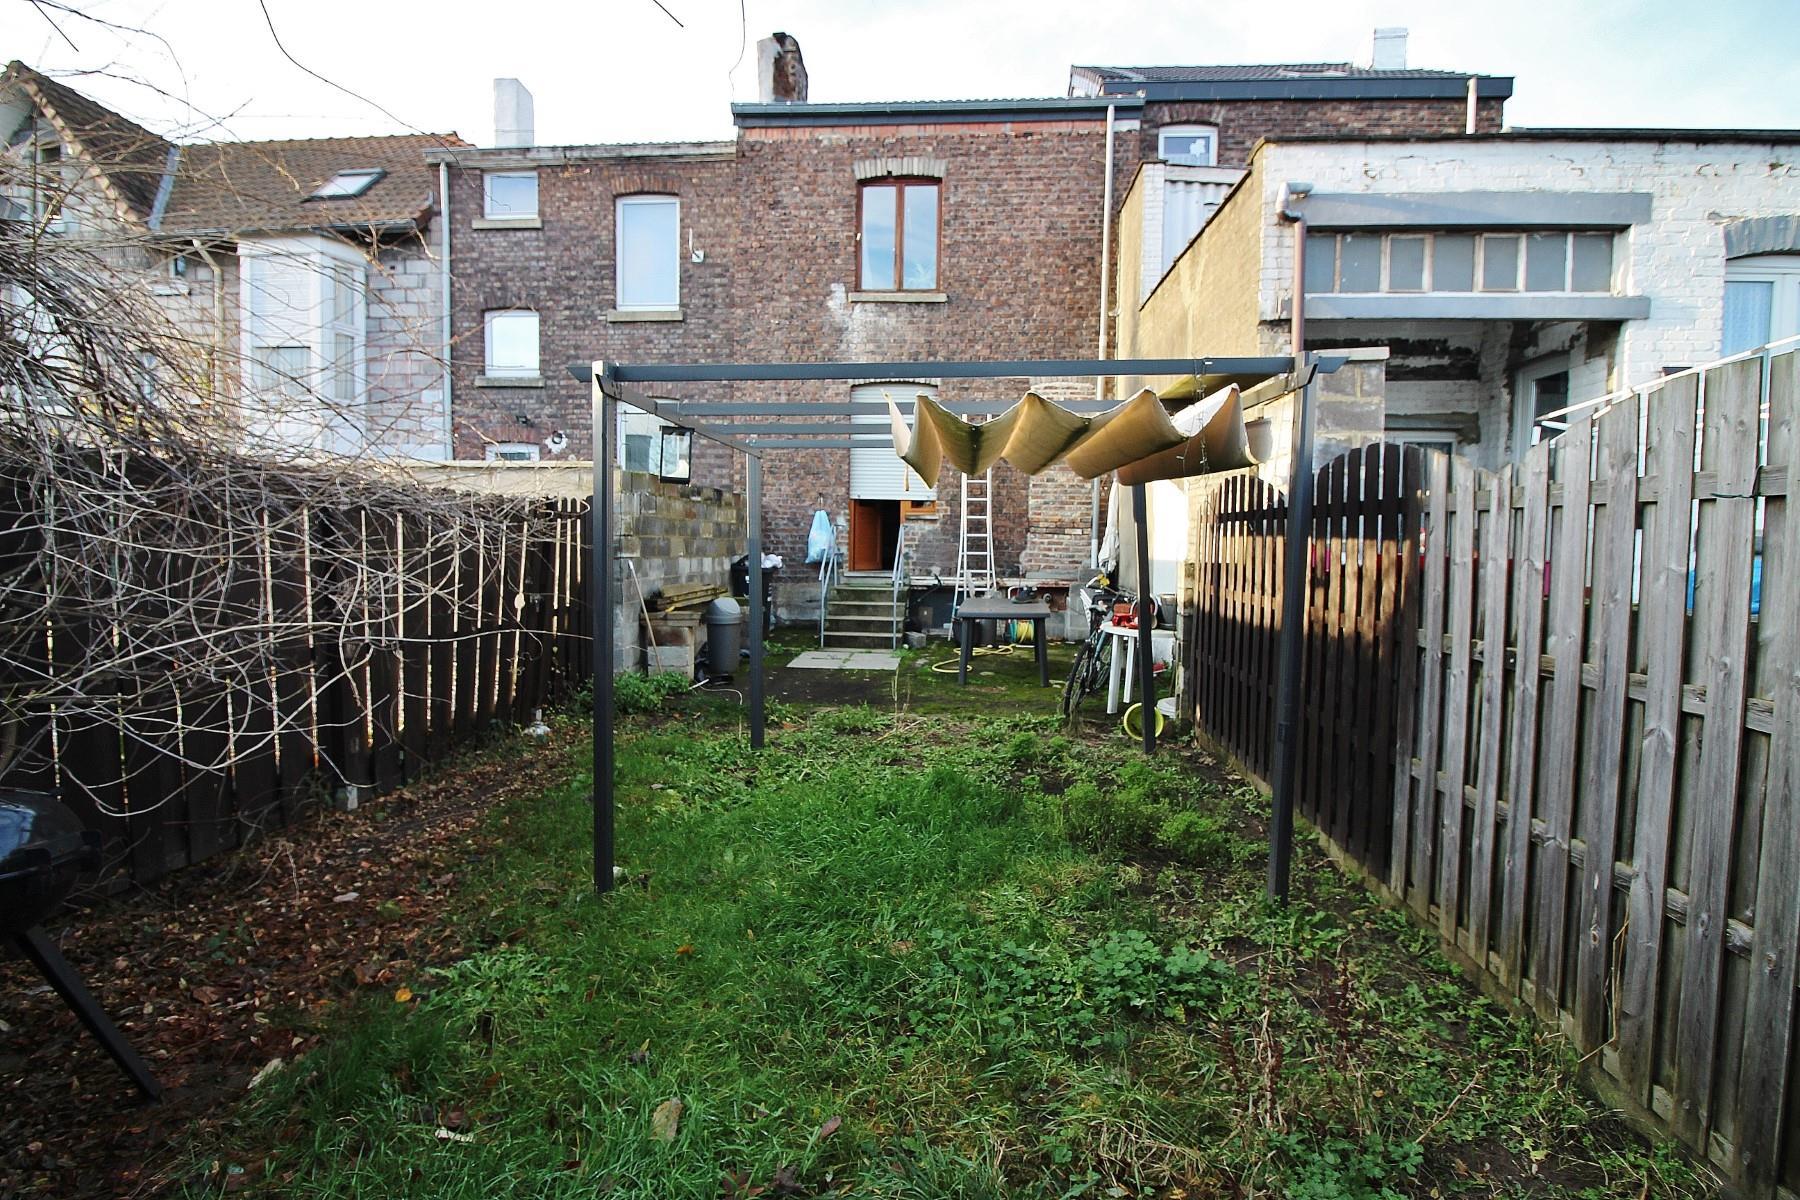 Maison - Seraing Jemeppe-sur-Meuse - #3972660-9